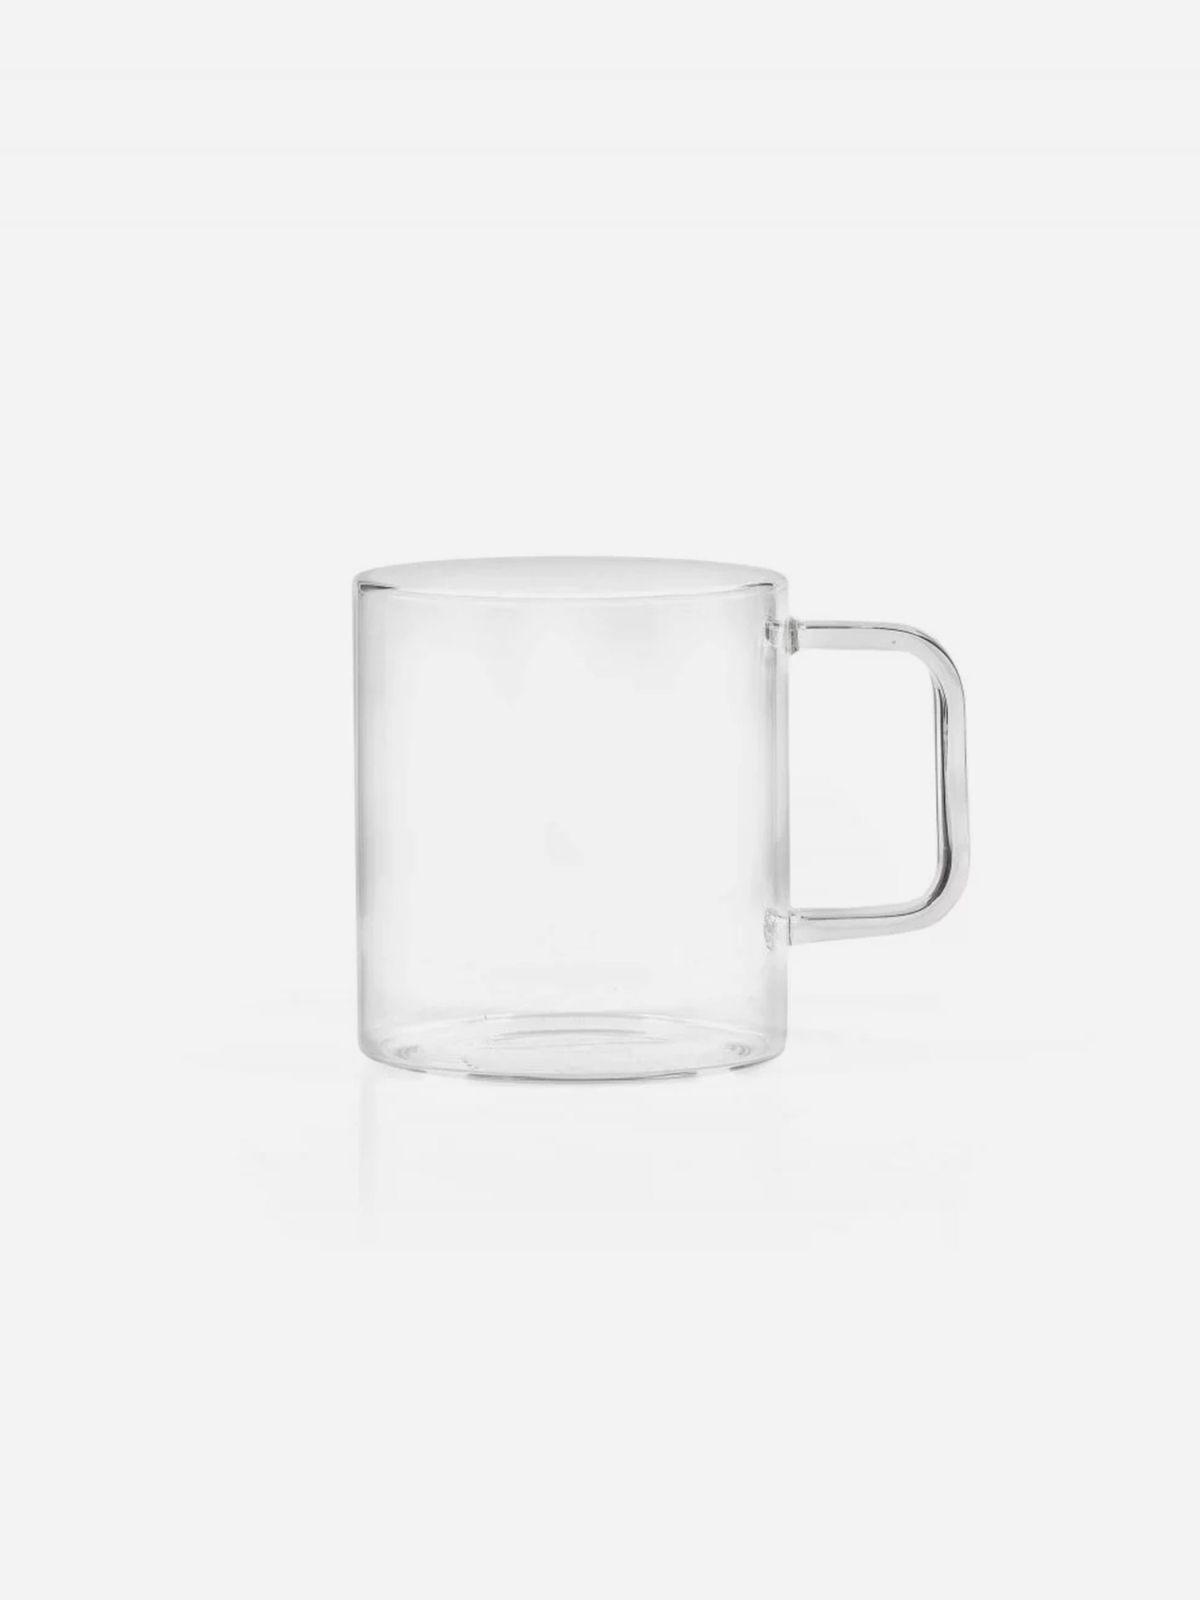 ספל זכוכית דקהספל זכוכית דקה של FOX HOME